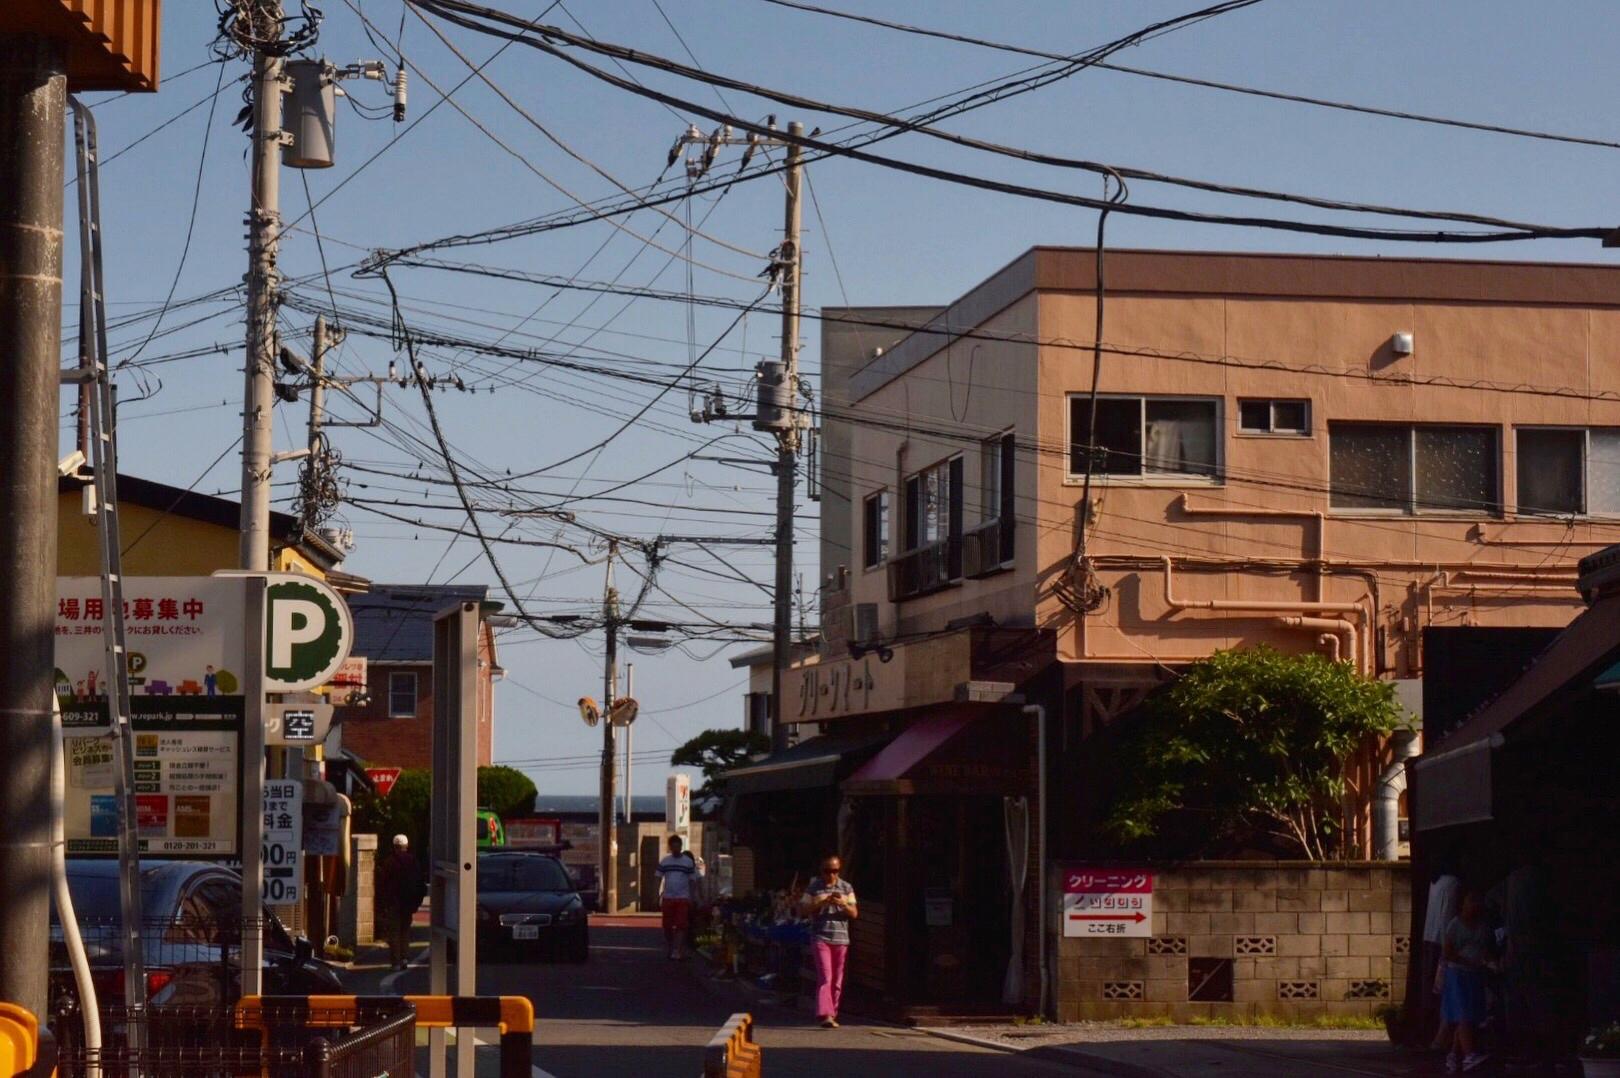 日本打工度假經驗分享 恭喜恭喜我們領證去!同場加映日本打工度假常見十大QA